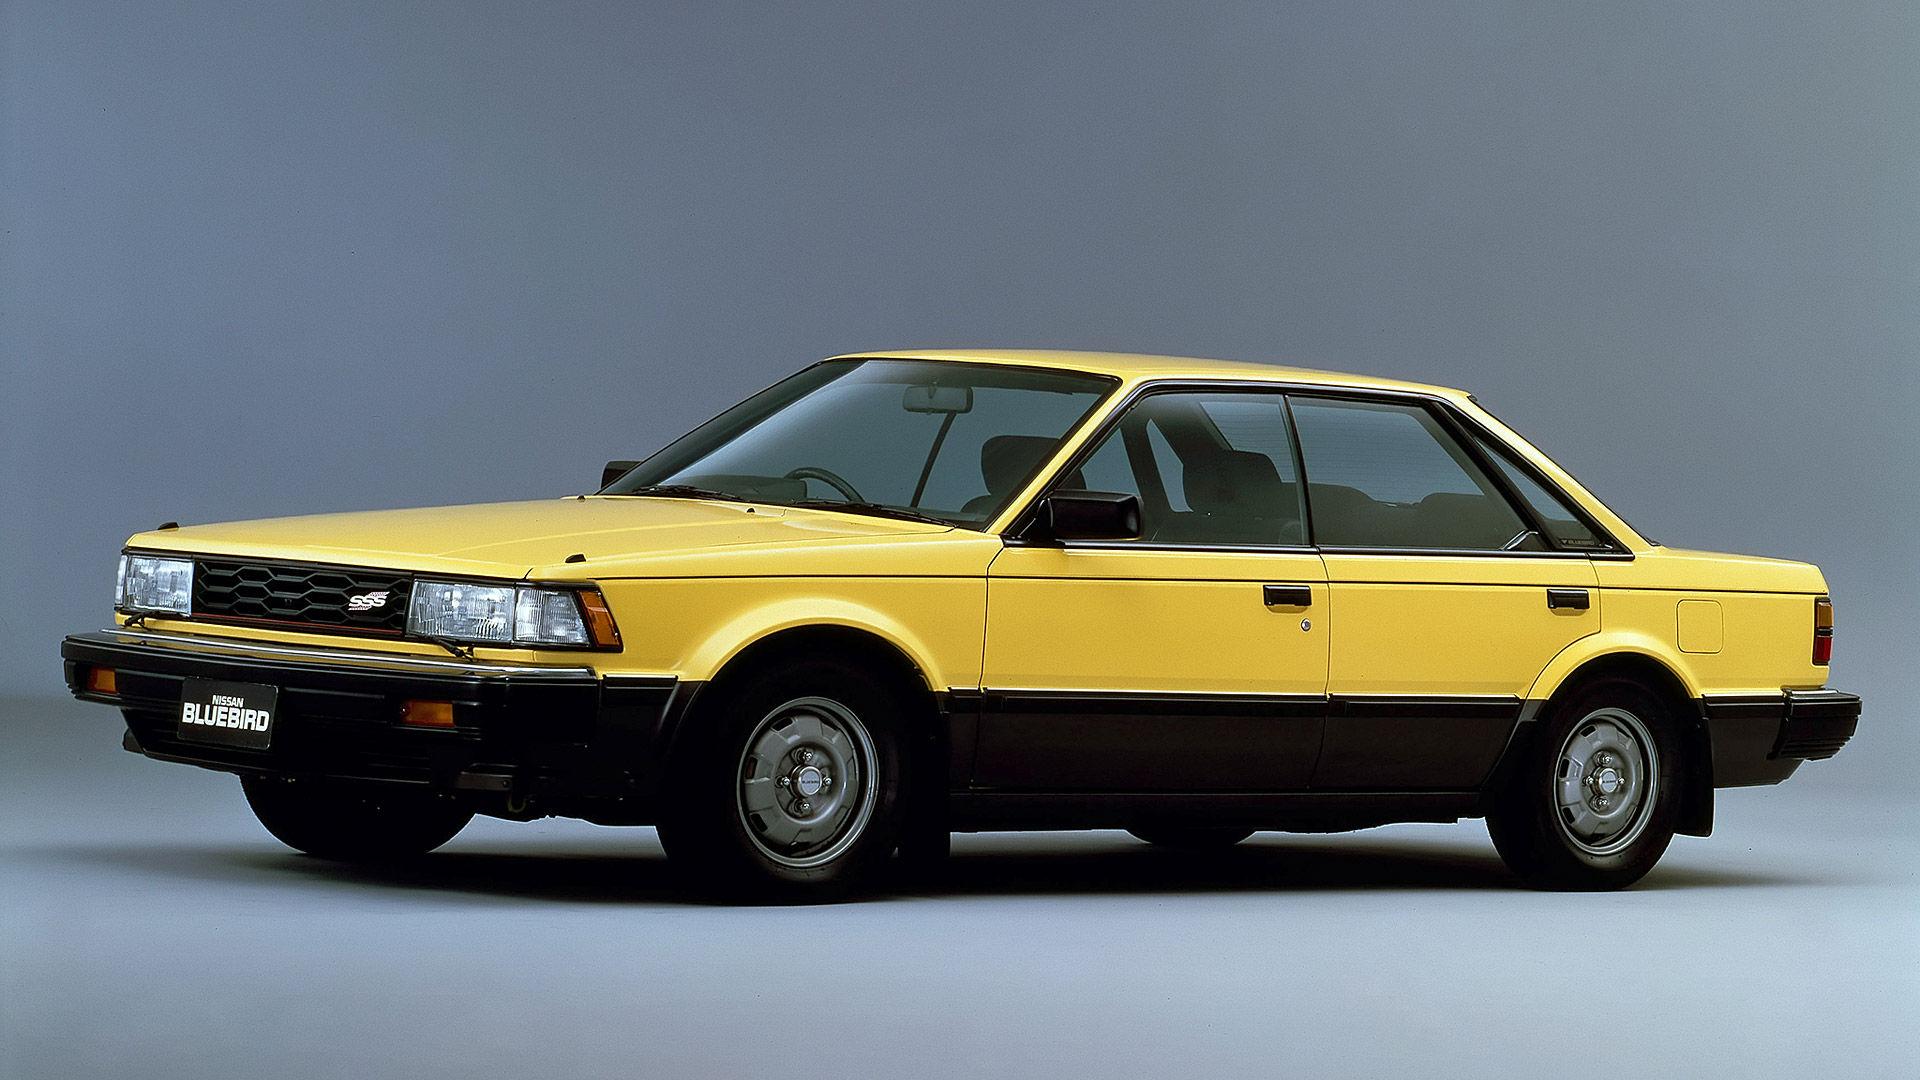 1983 Nissan Bluebird